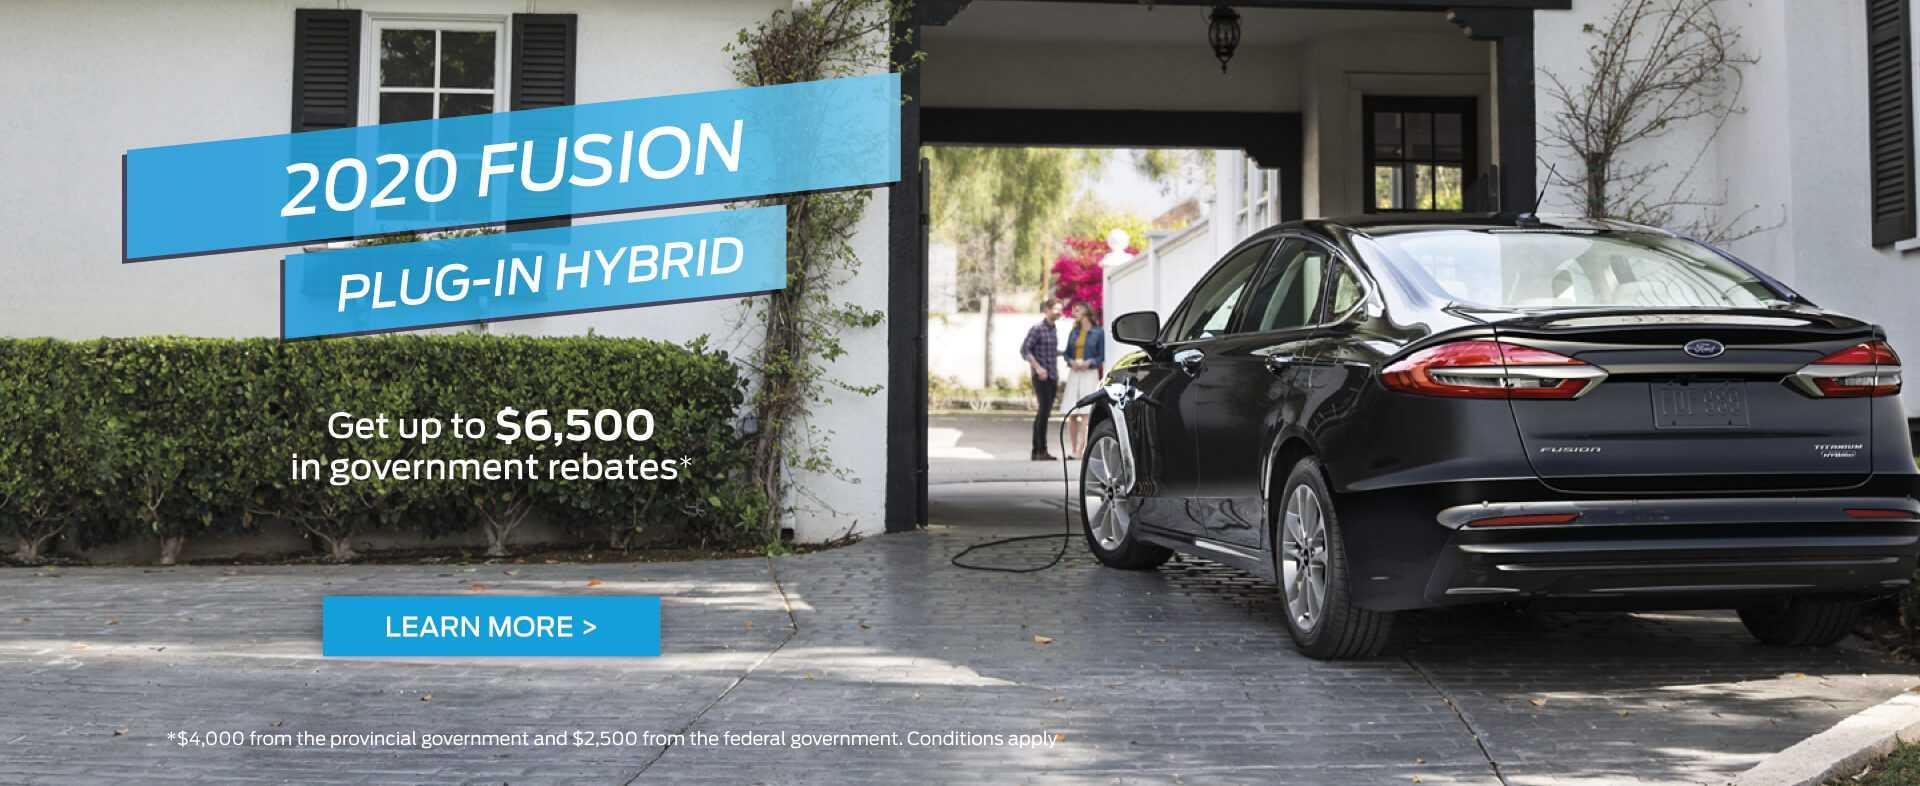 2020 Fusion Plug-In Hybrid